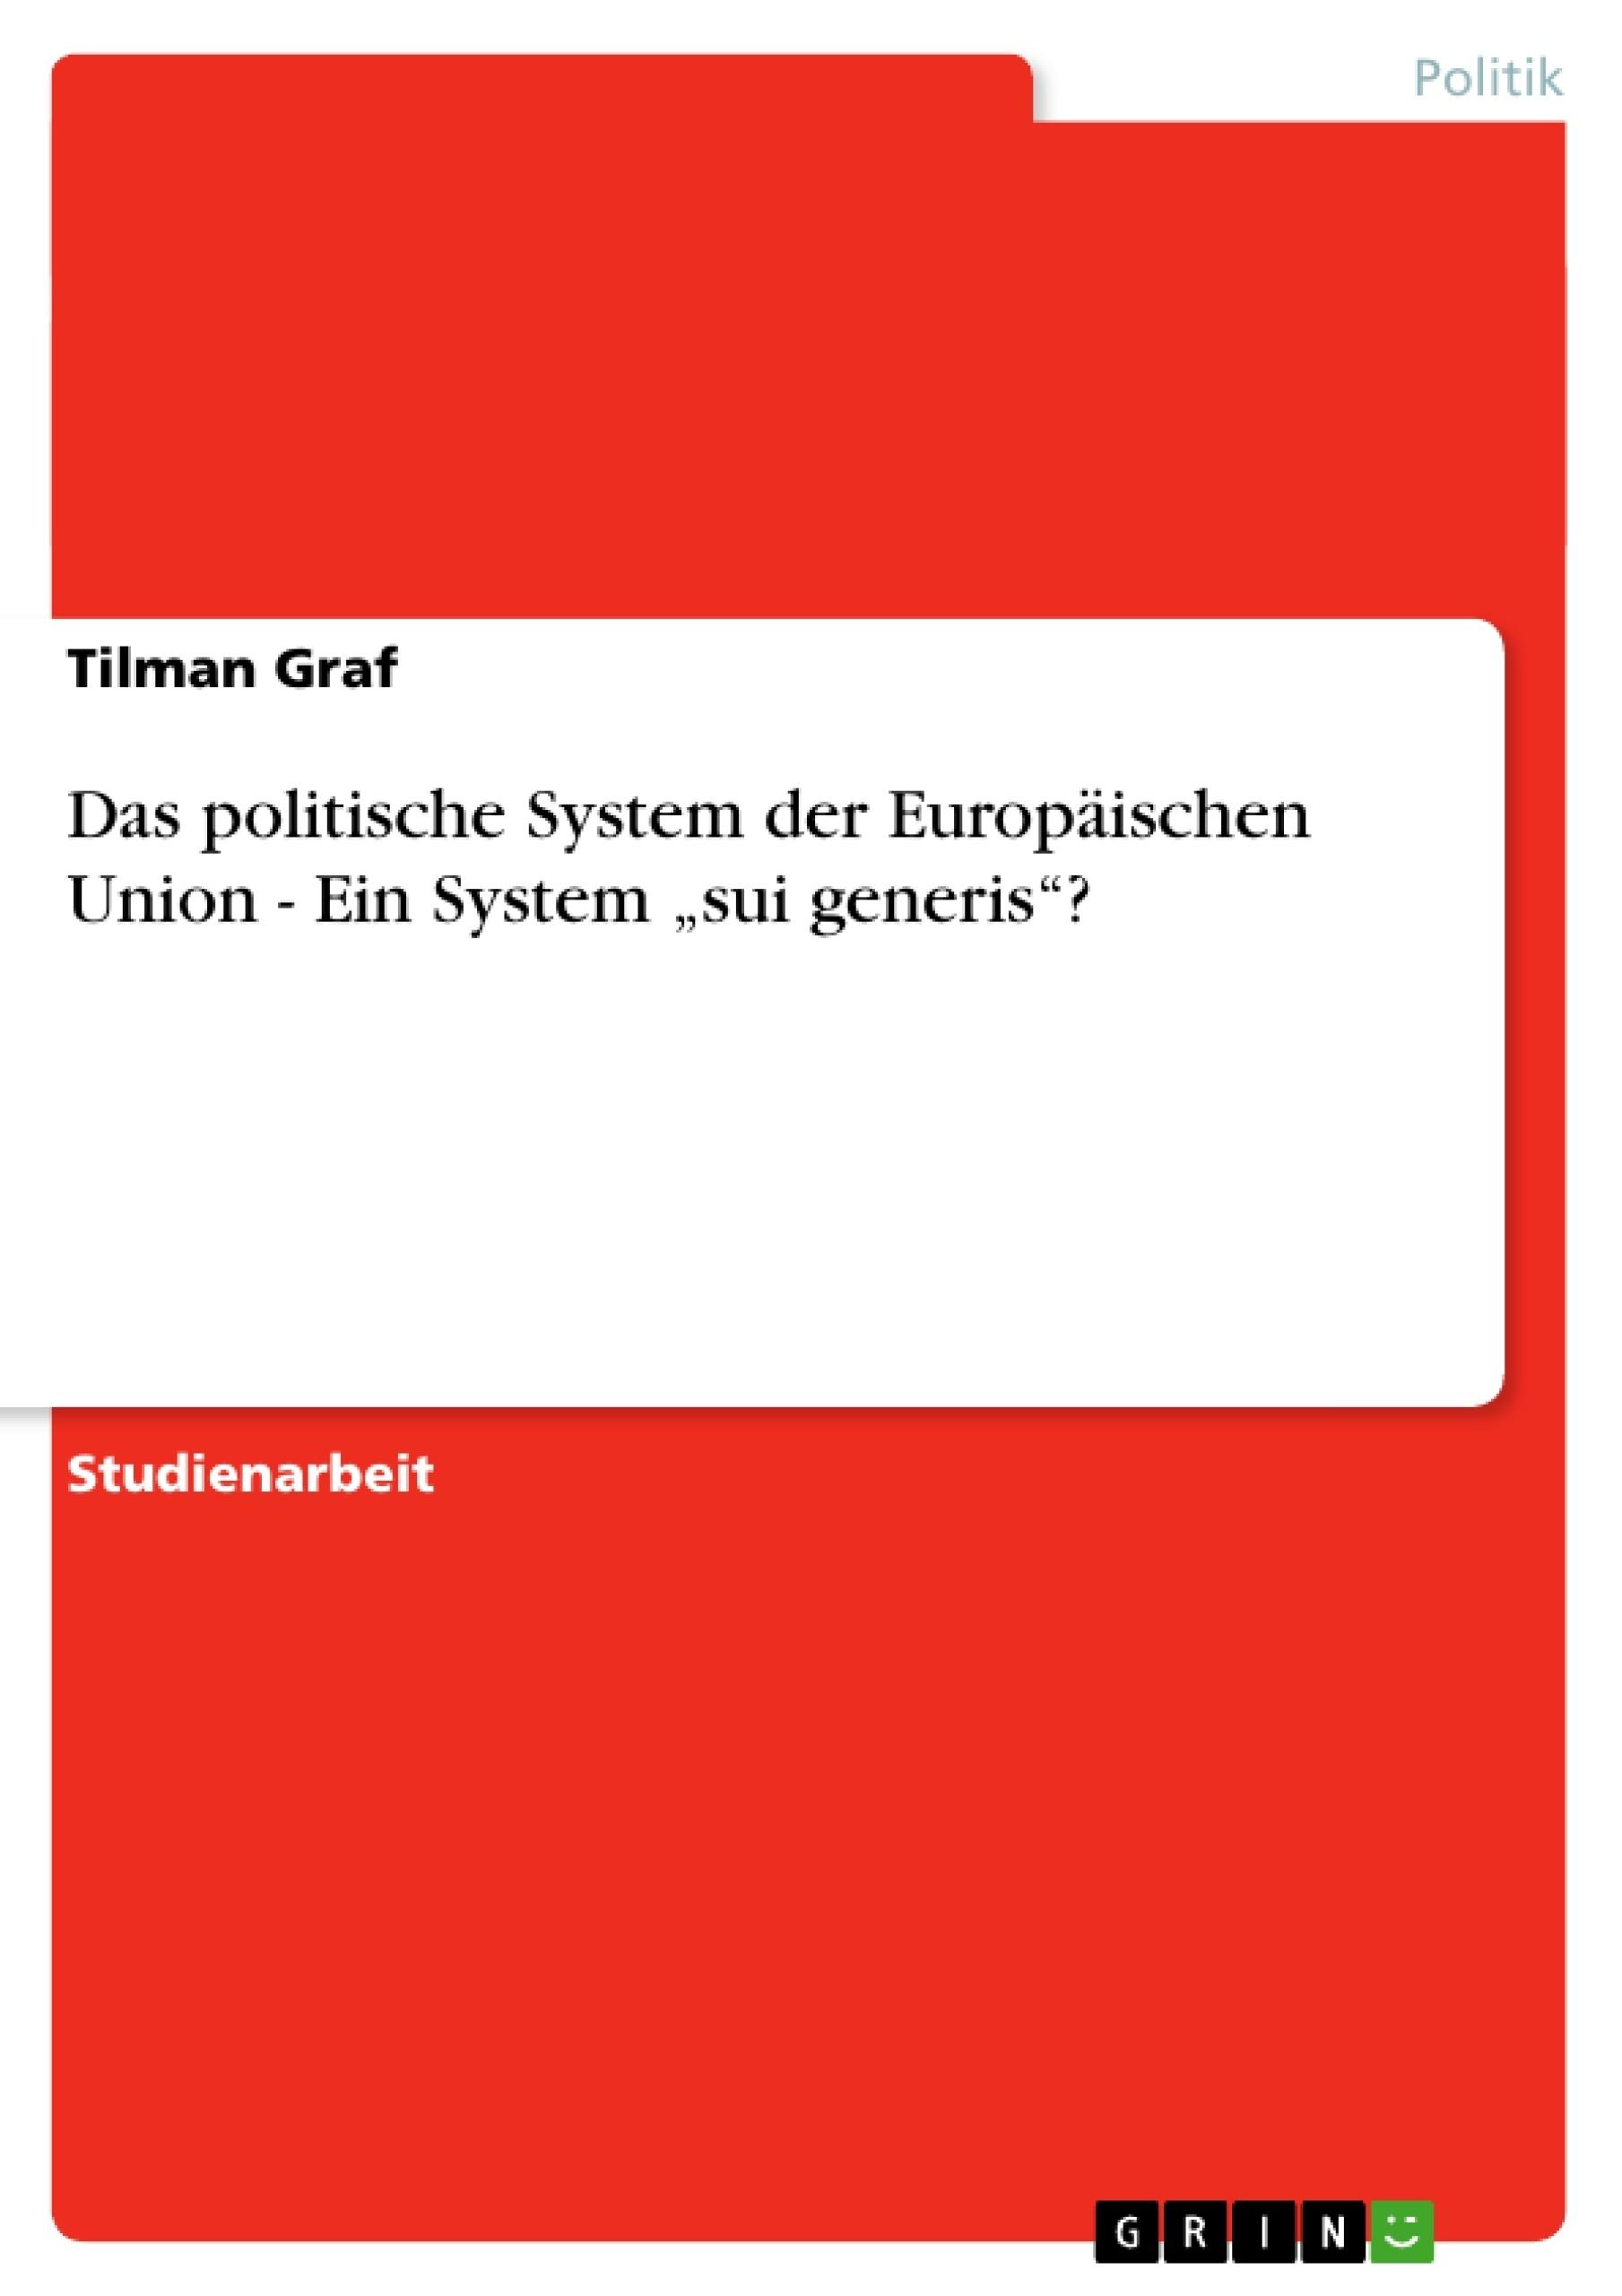 """Titel: Das politische System der Europäischen Union - Ein System """"sui generis""""?"""